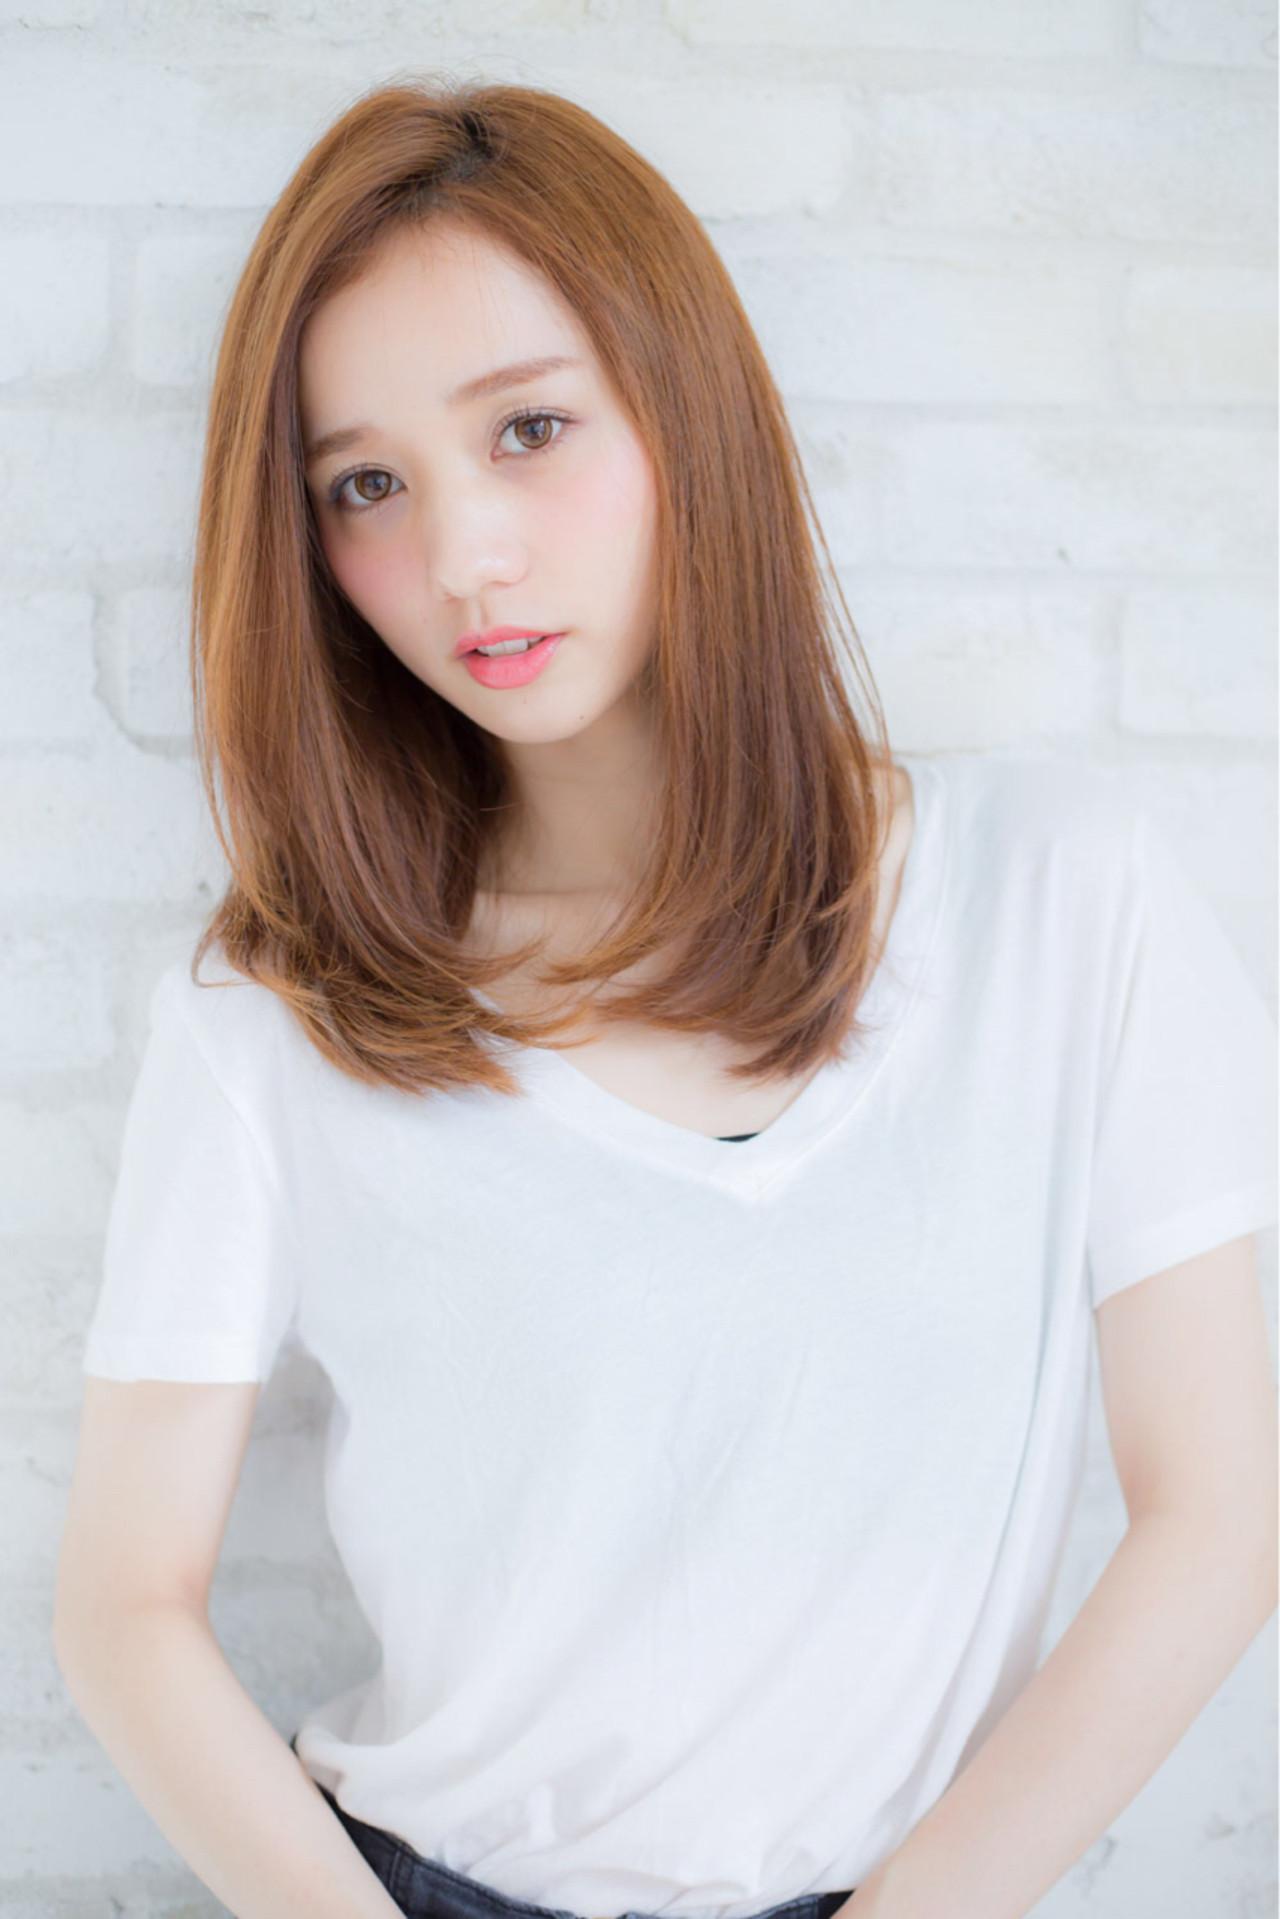 ニュアンス 小顔 ミディアム 大人女子 ヘアスタイルや髪型の写真・画像 | 赤井希望 / joemibyUnami